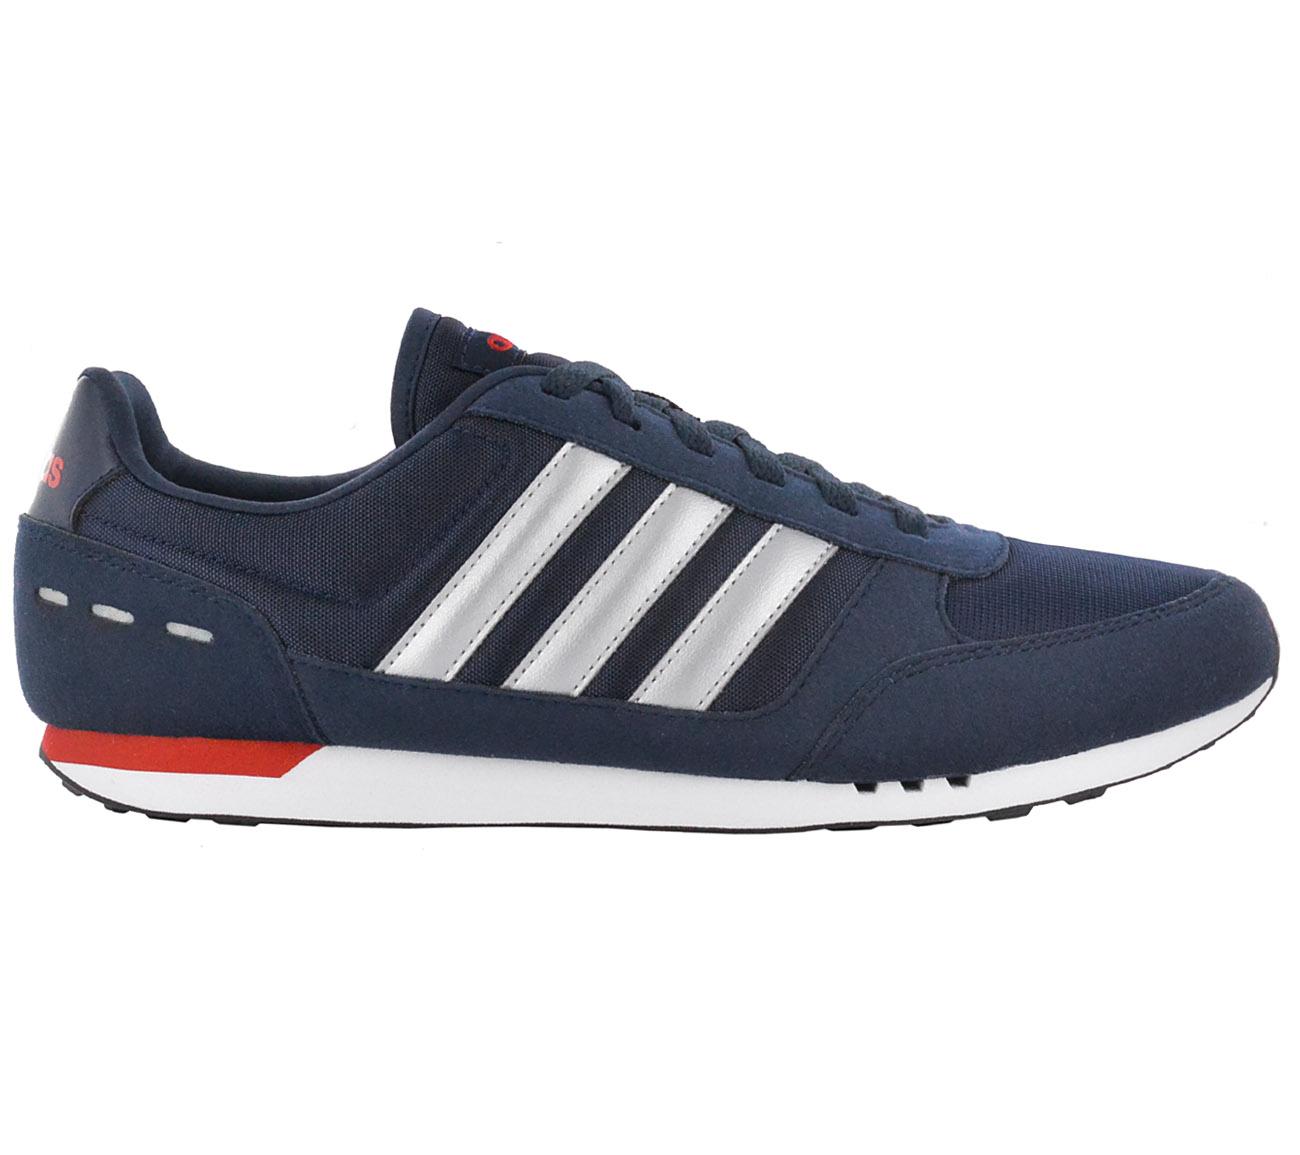 adidas City V Racer 2.0 Herren Sneaker Schuhe Freizeit Turnschuhe Retro NEU SALE